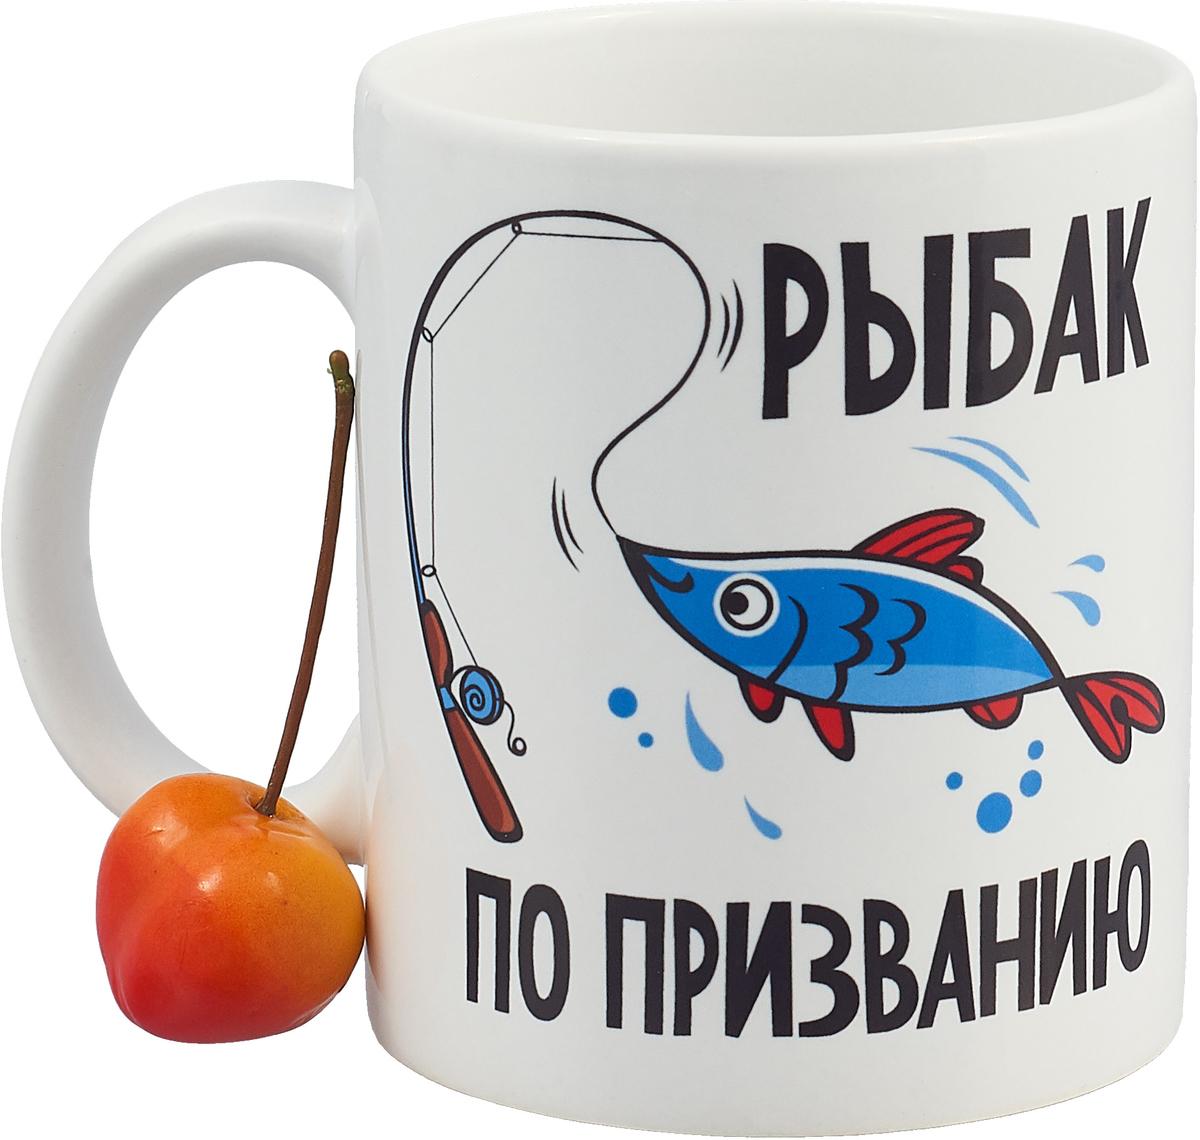 Прикольные картинки рыбаку на кружку